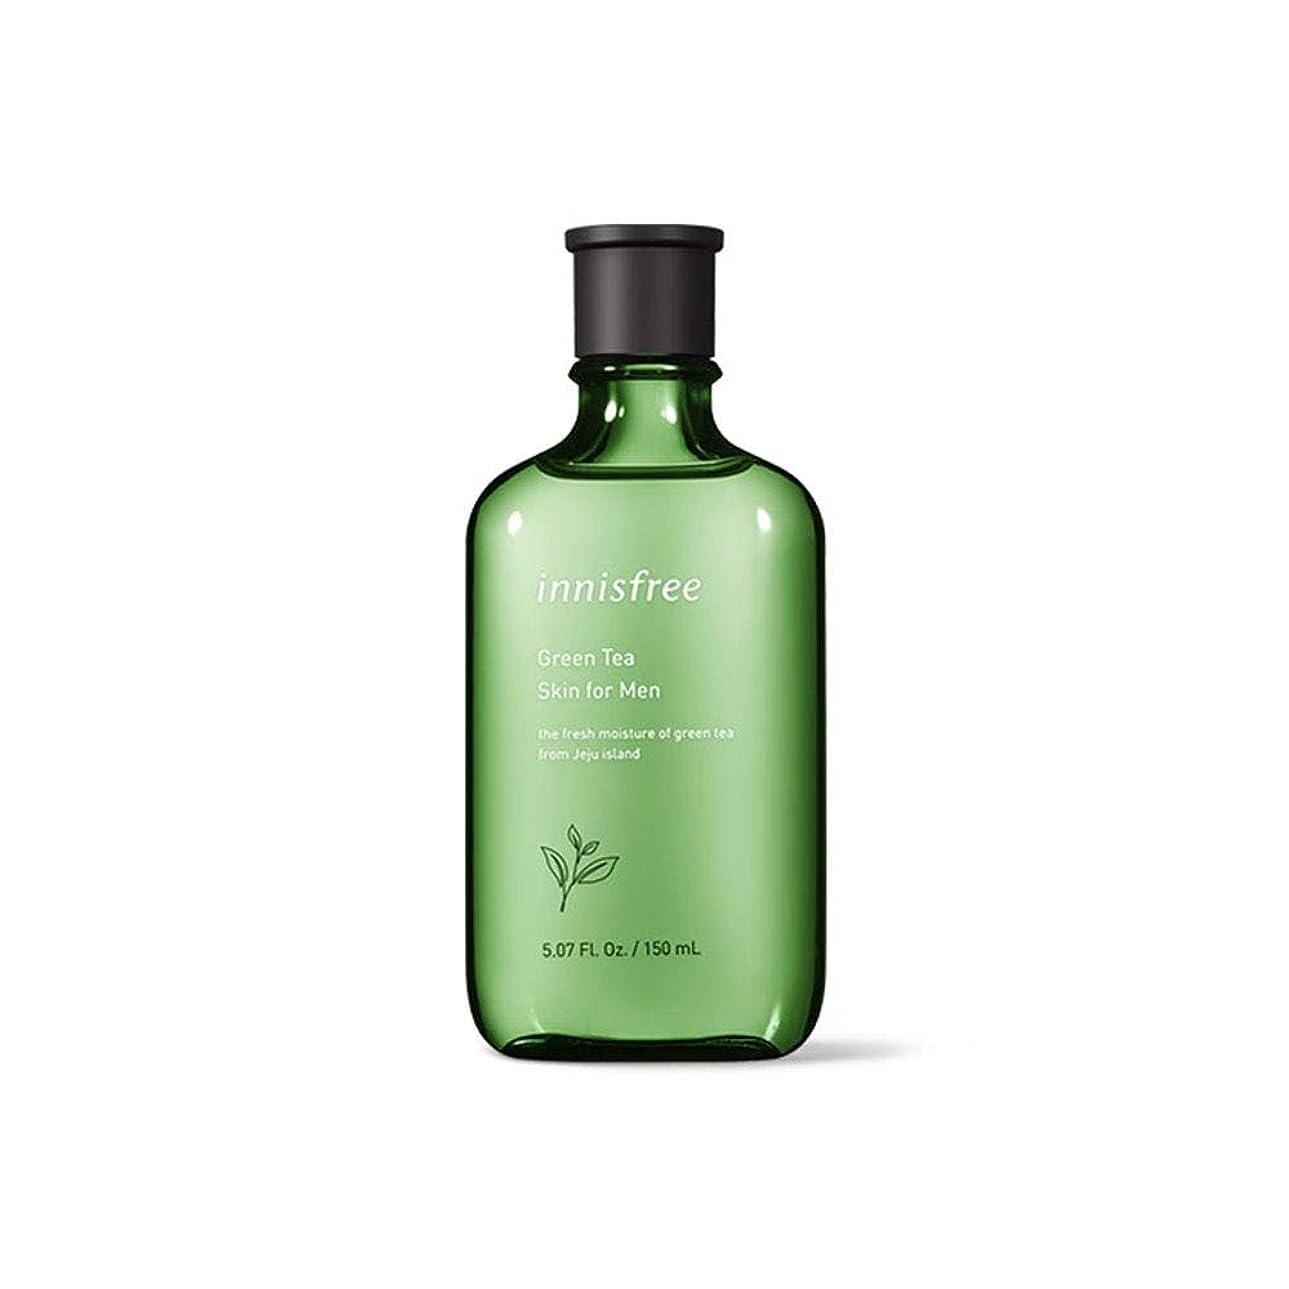 ハーブ本気順番イニスフリー Innisfree グリーンティースキンフォーメン(150ml) Innisfree Green Tea Skin For Men(150ml) [海外直送品]